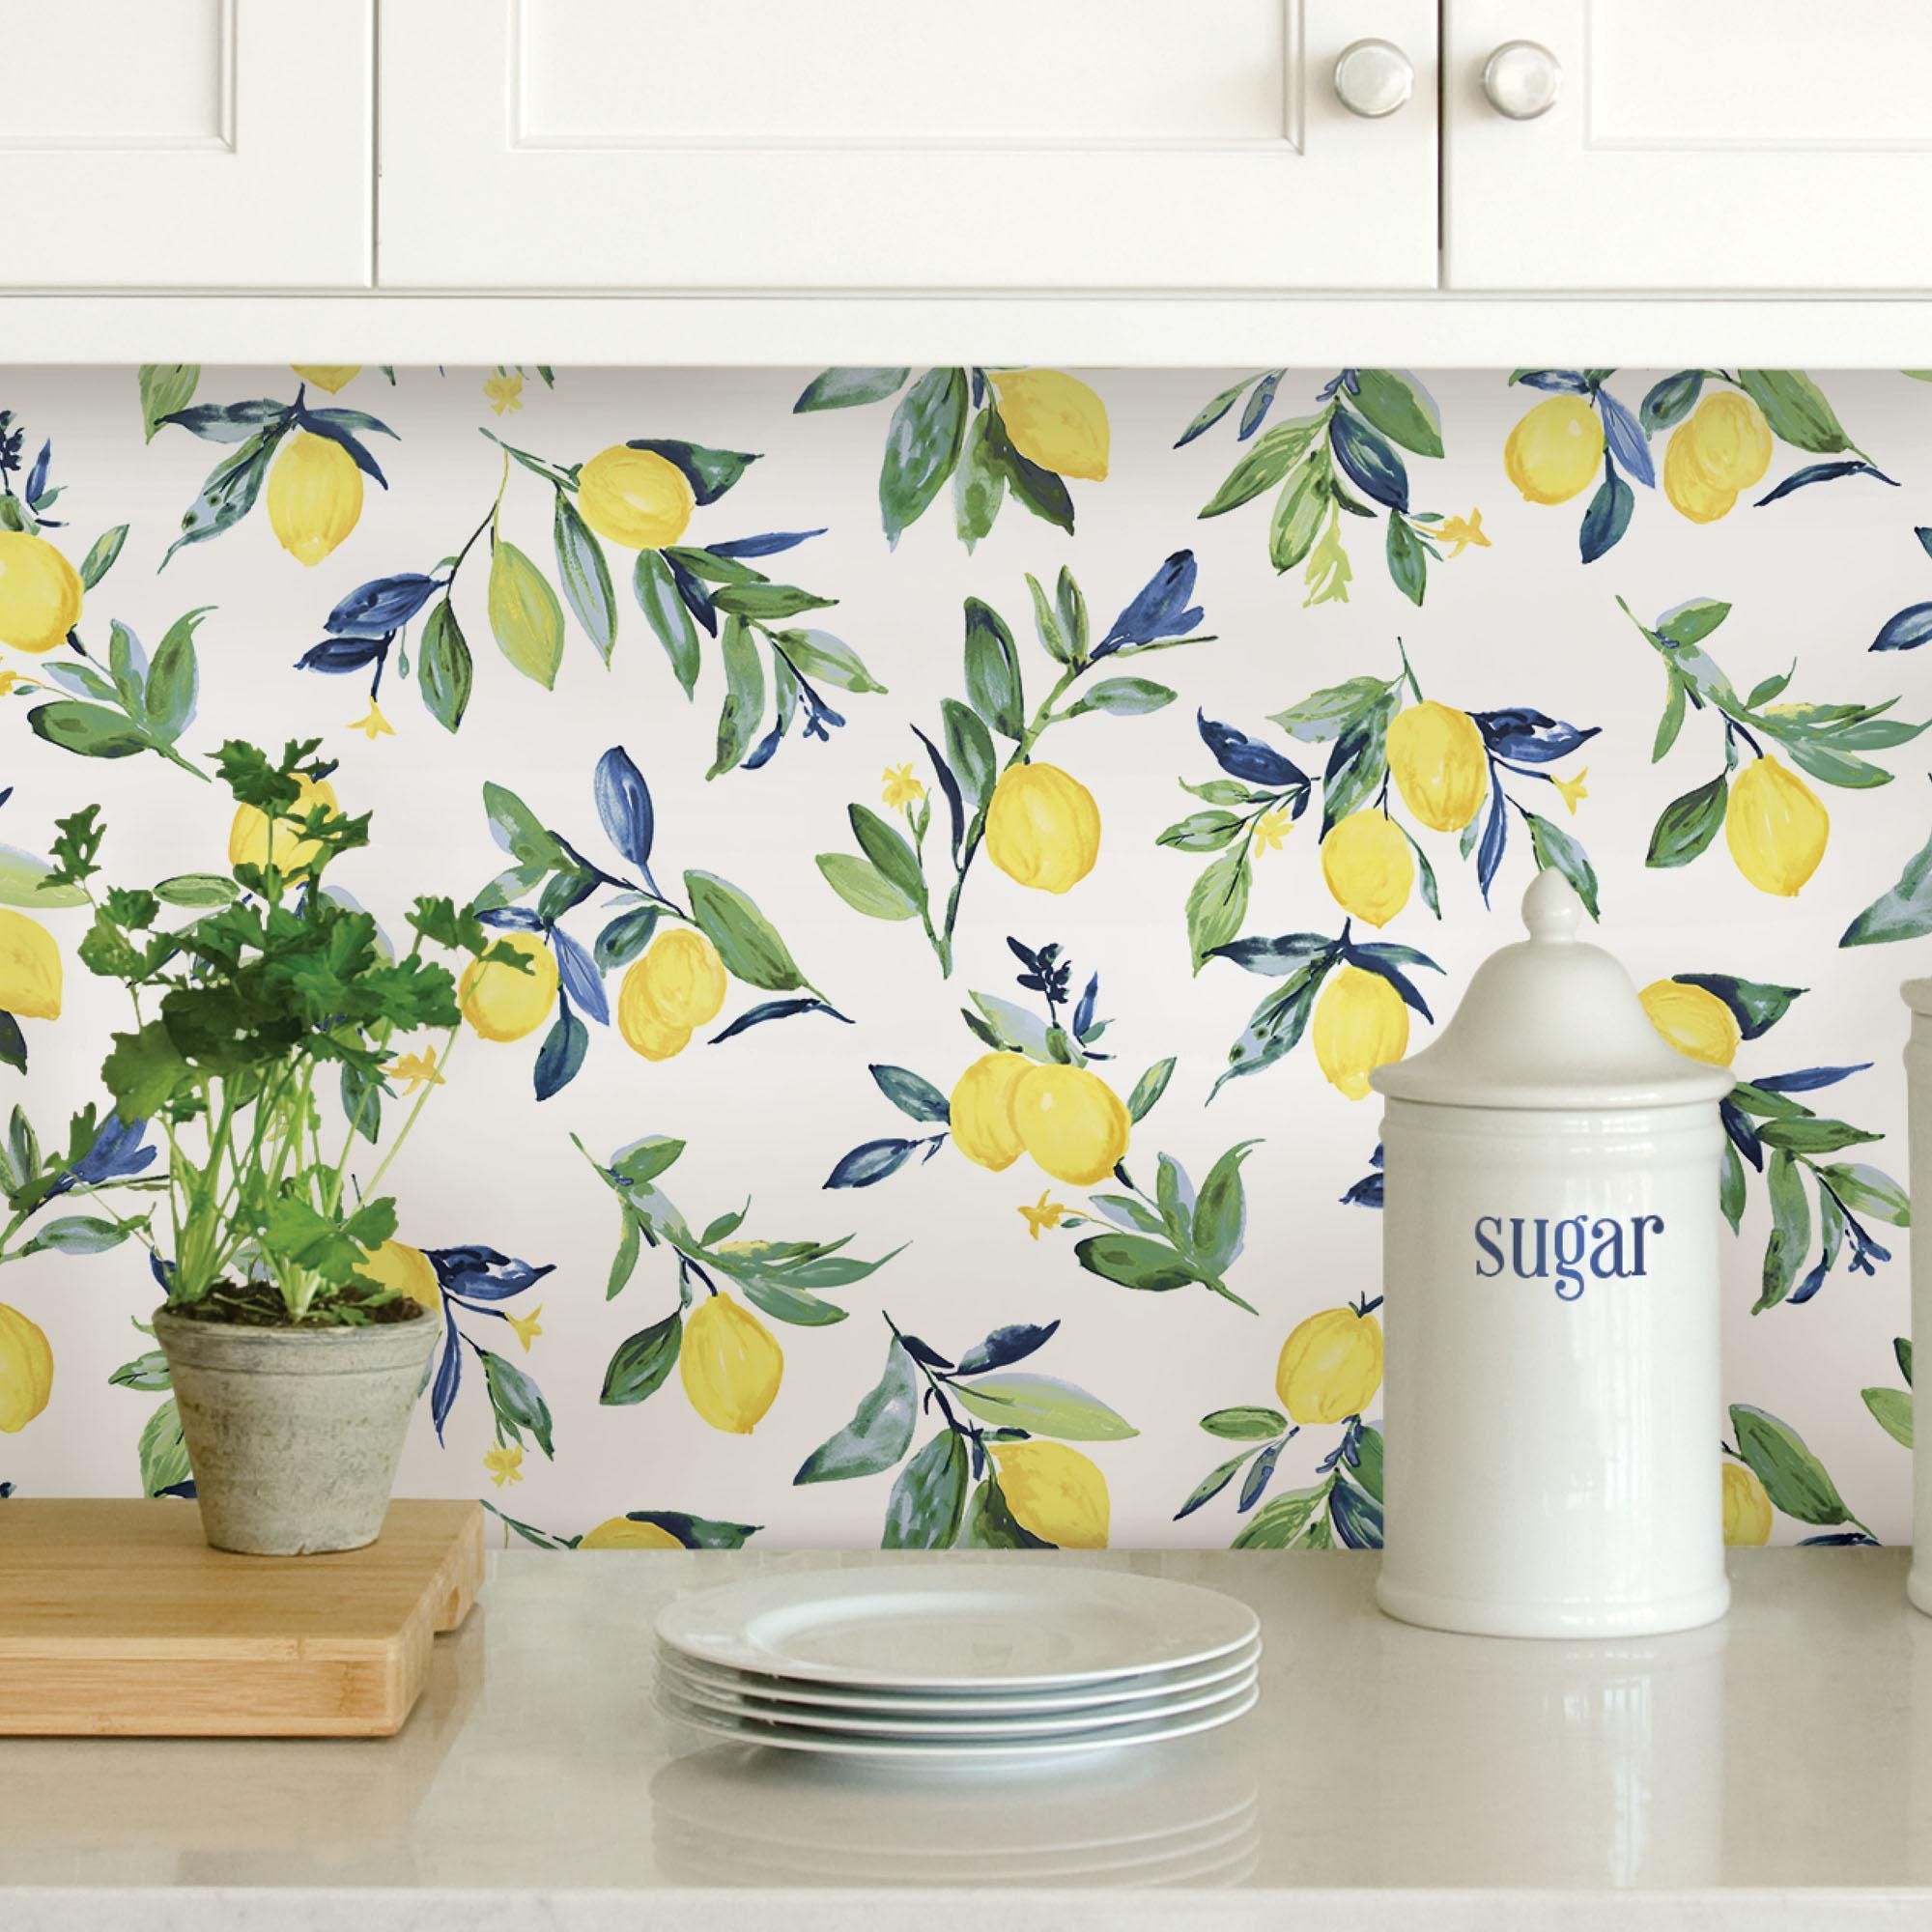 Nuwallpaper Lemon Drop Self Adhesive Wallpaper Peel And Stick Wallpaper Nuwallpaper Lemon Decor